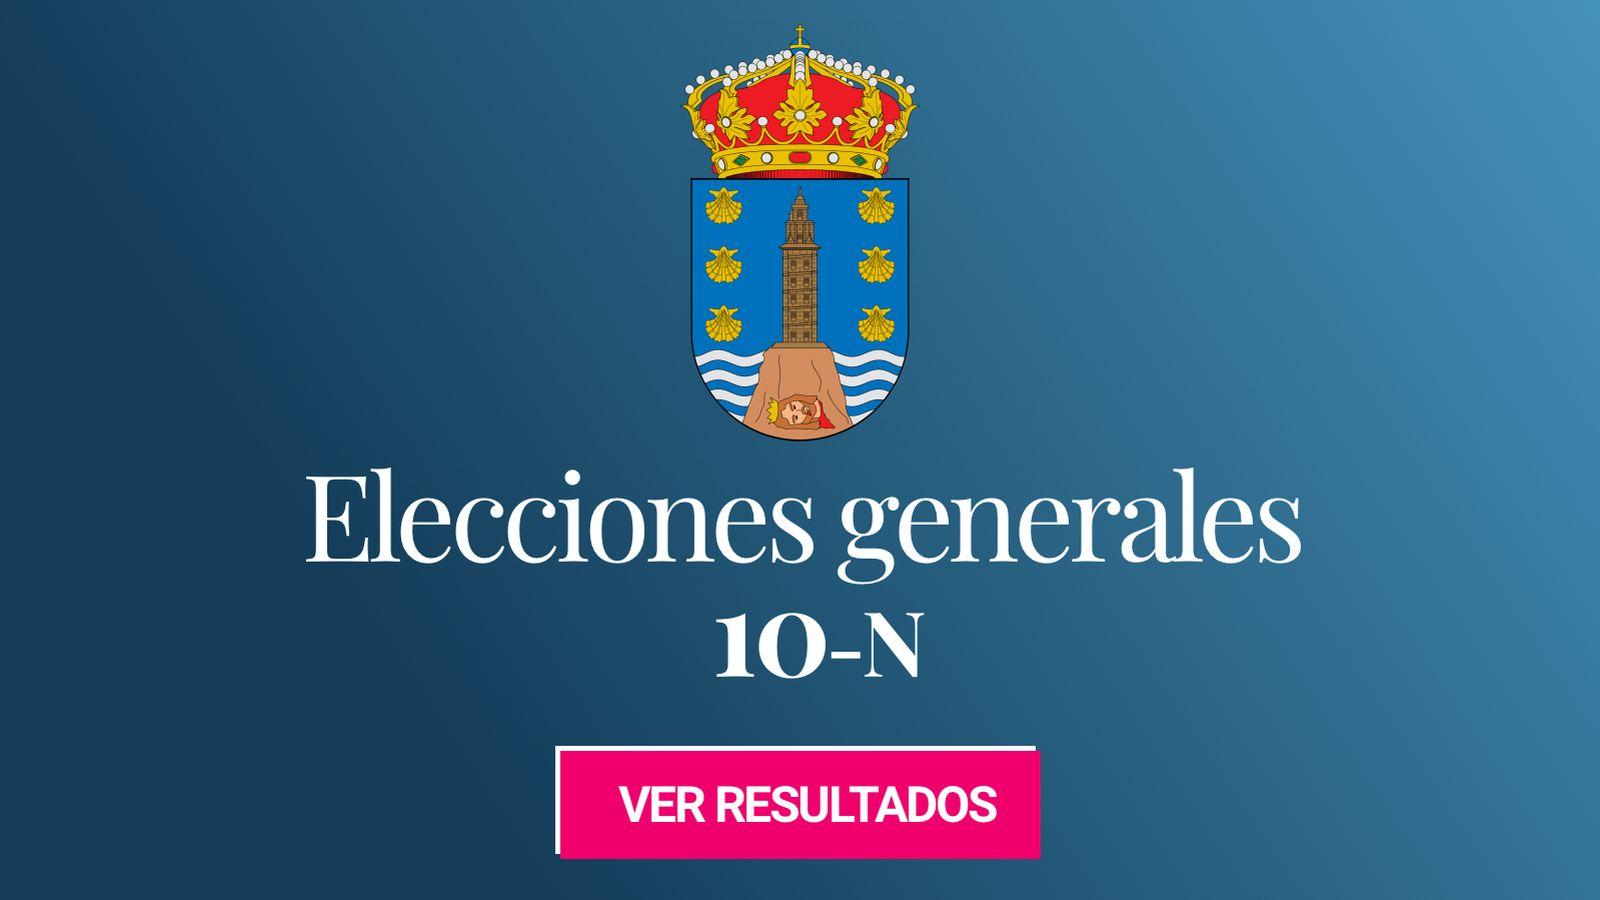 Foto: Elecciones generales 2019 en la provincia de A Coruña. (C.C./HansenBCN)